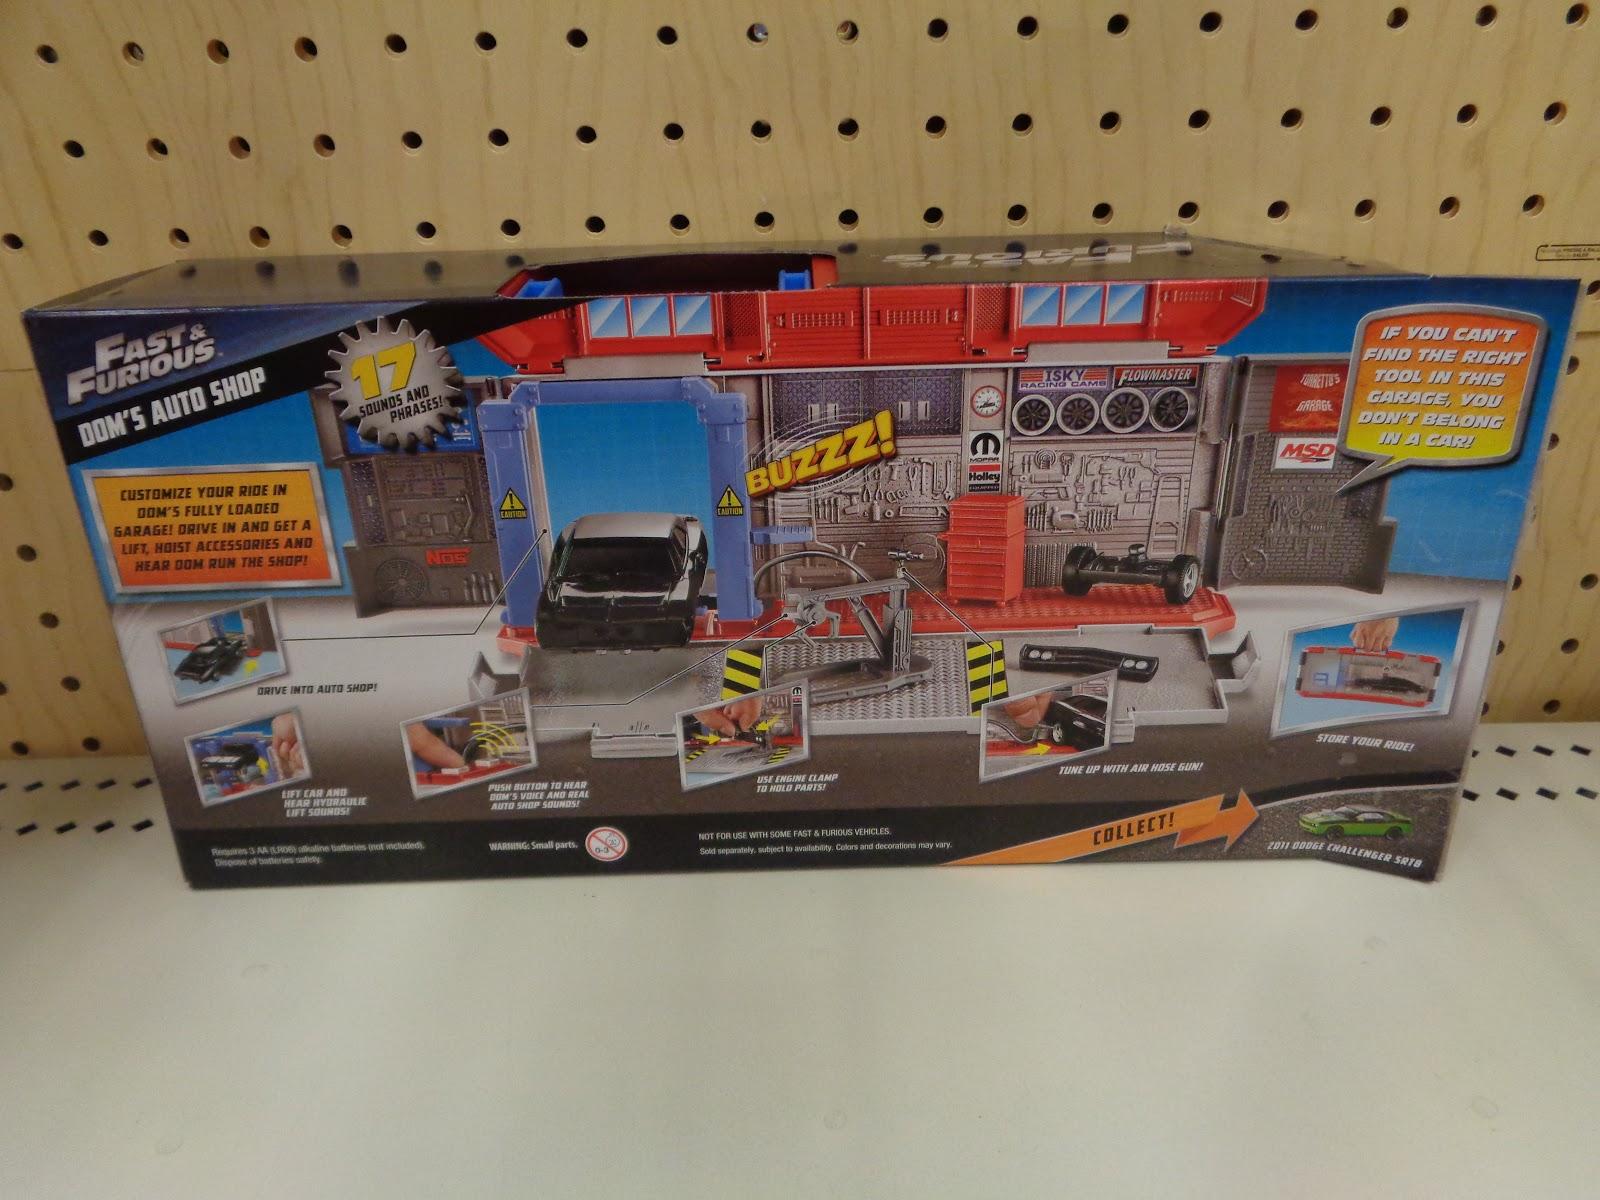 J And J Toys Mattel Fast Furious Doms Auto Shop